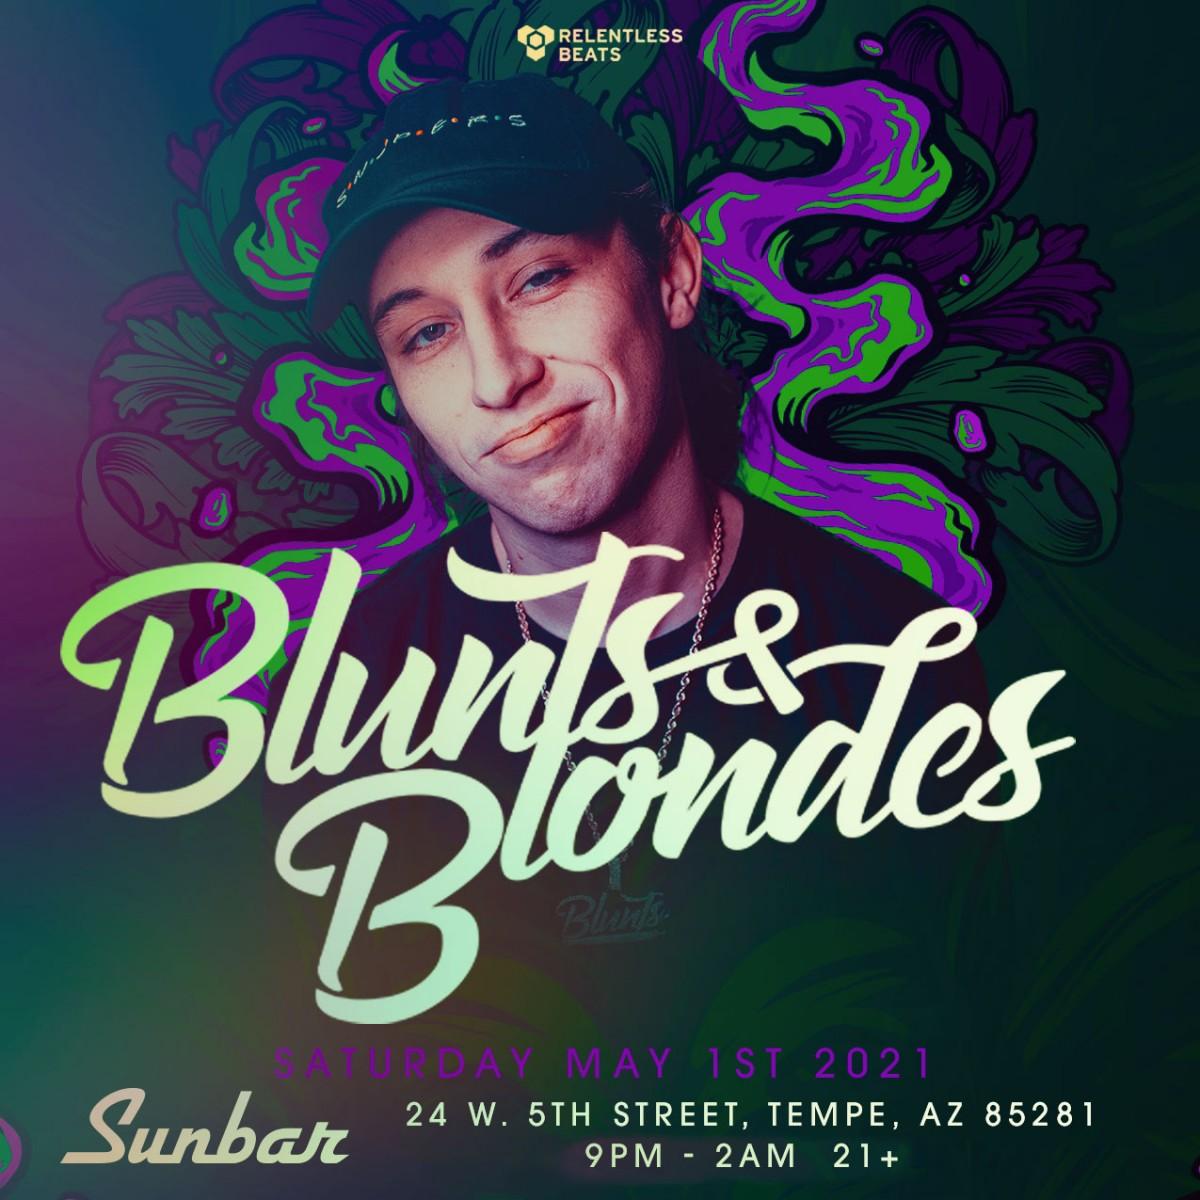 Flyer for Blunts & Blondes